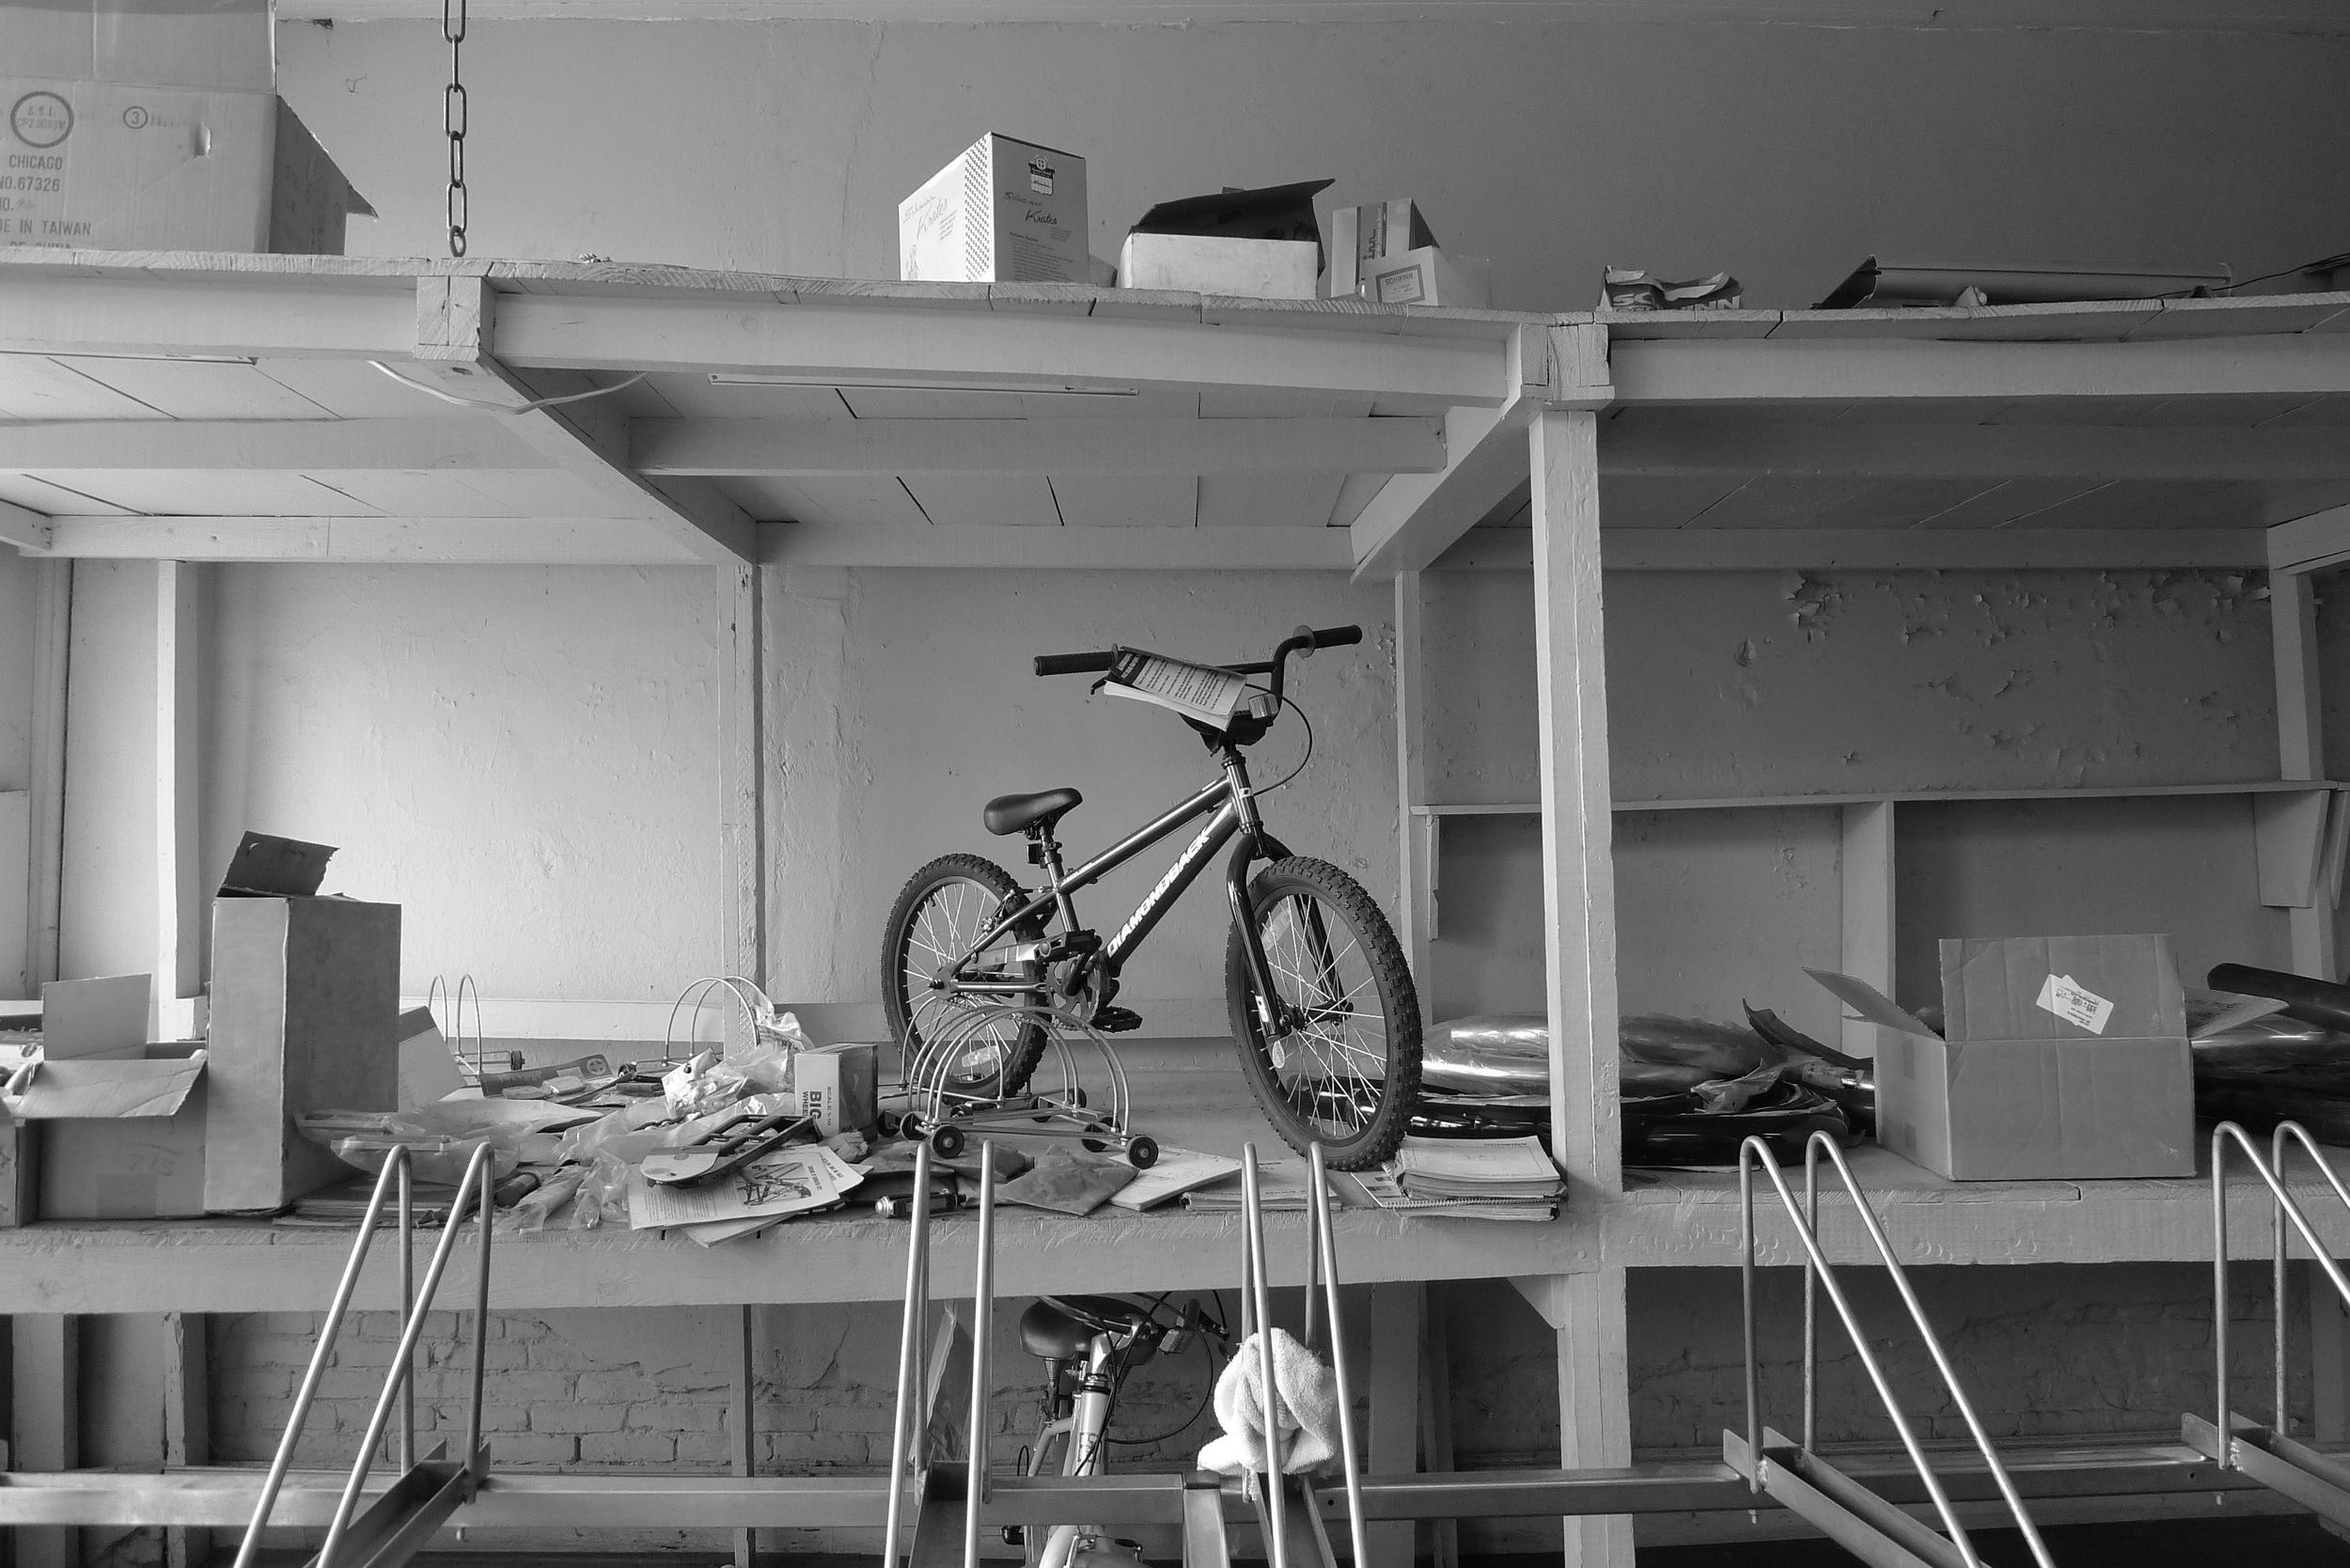 Bike on Shelf, Augusta, GA 2014